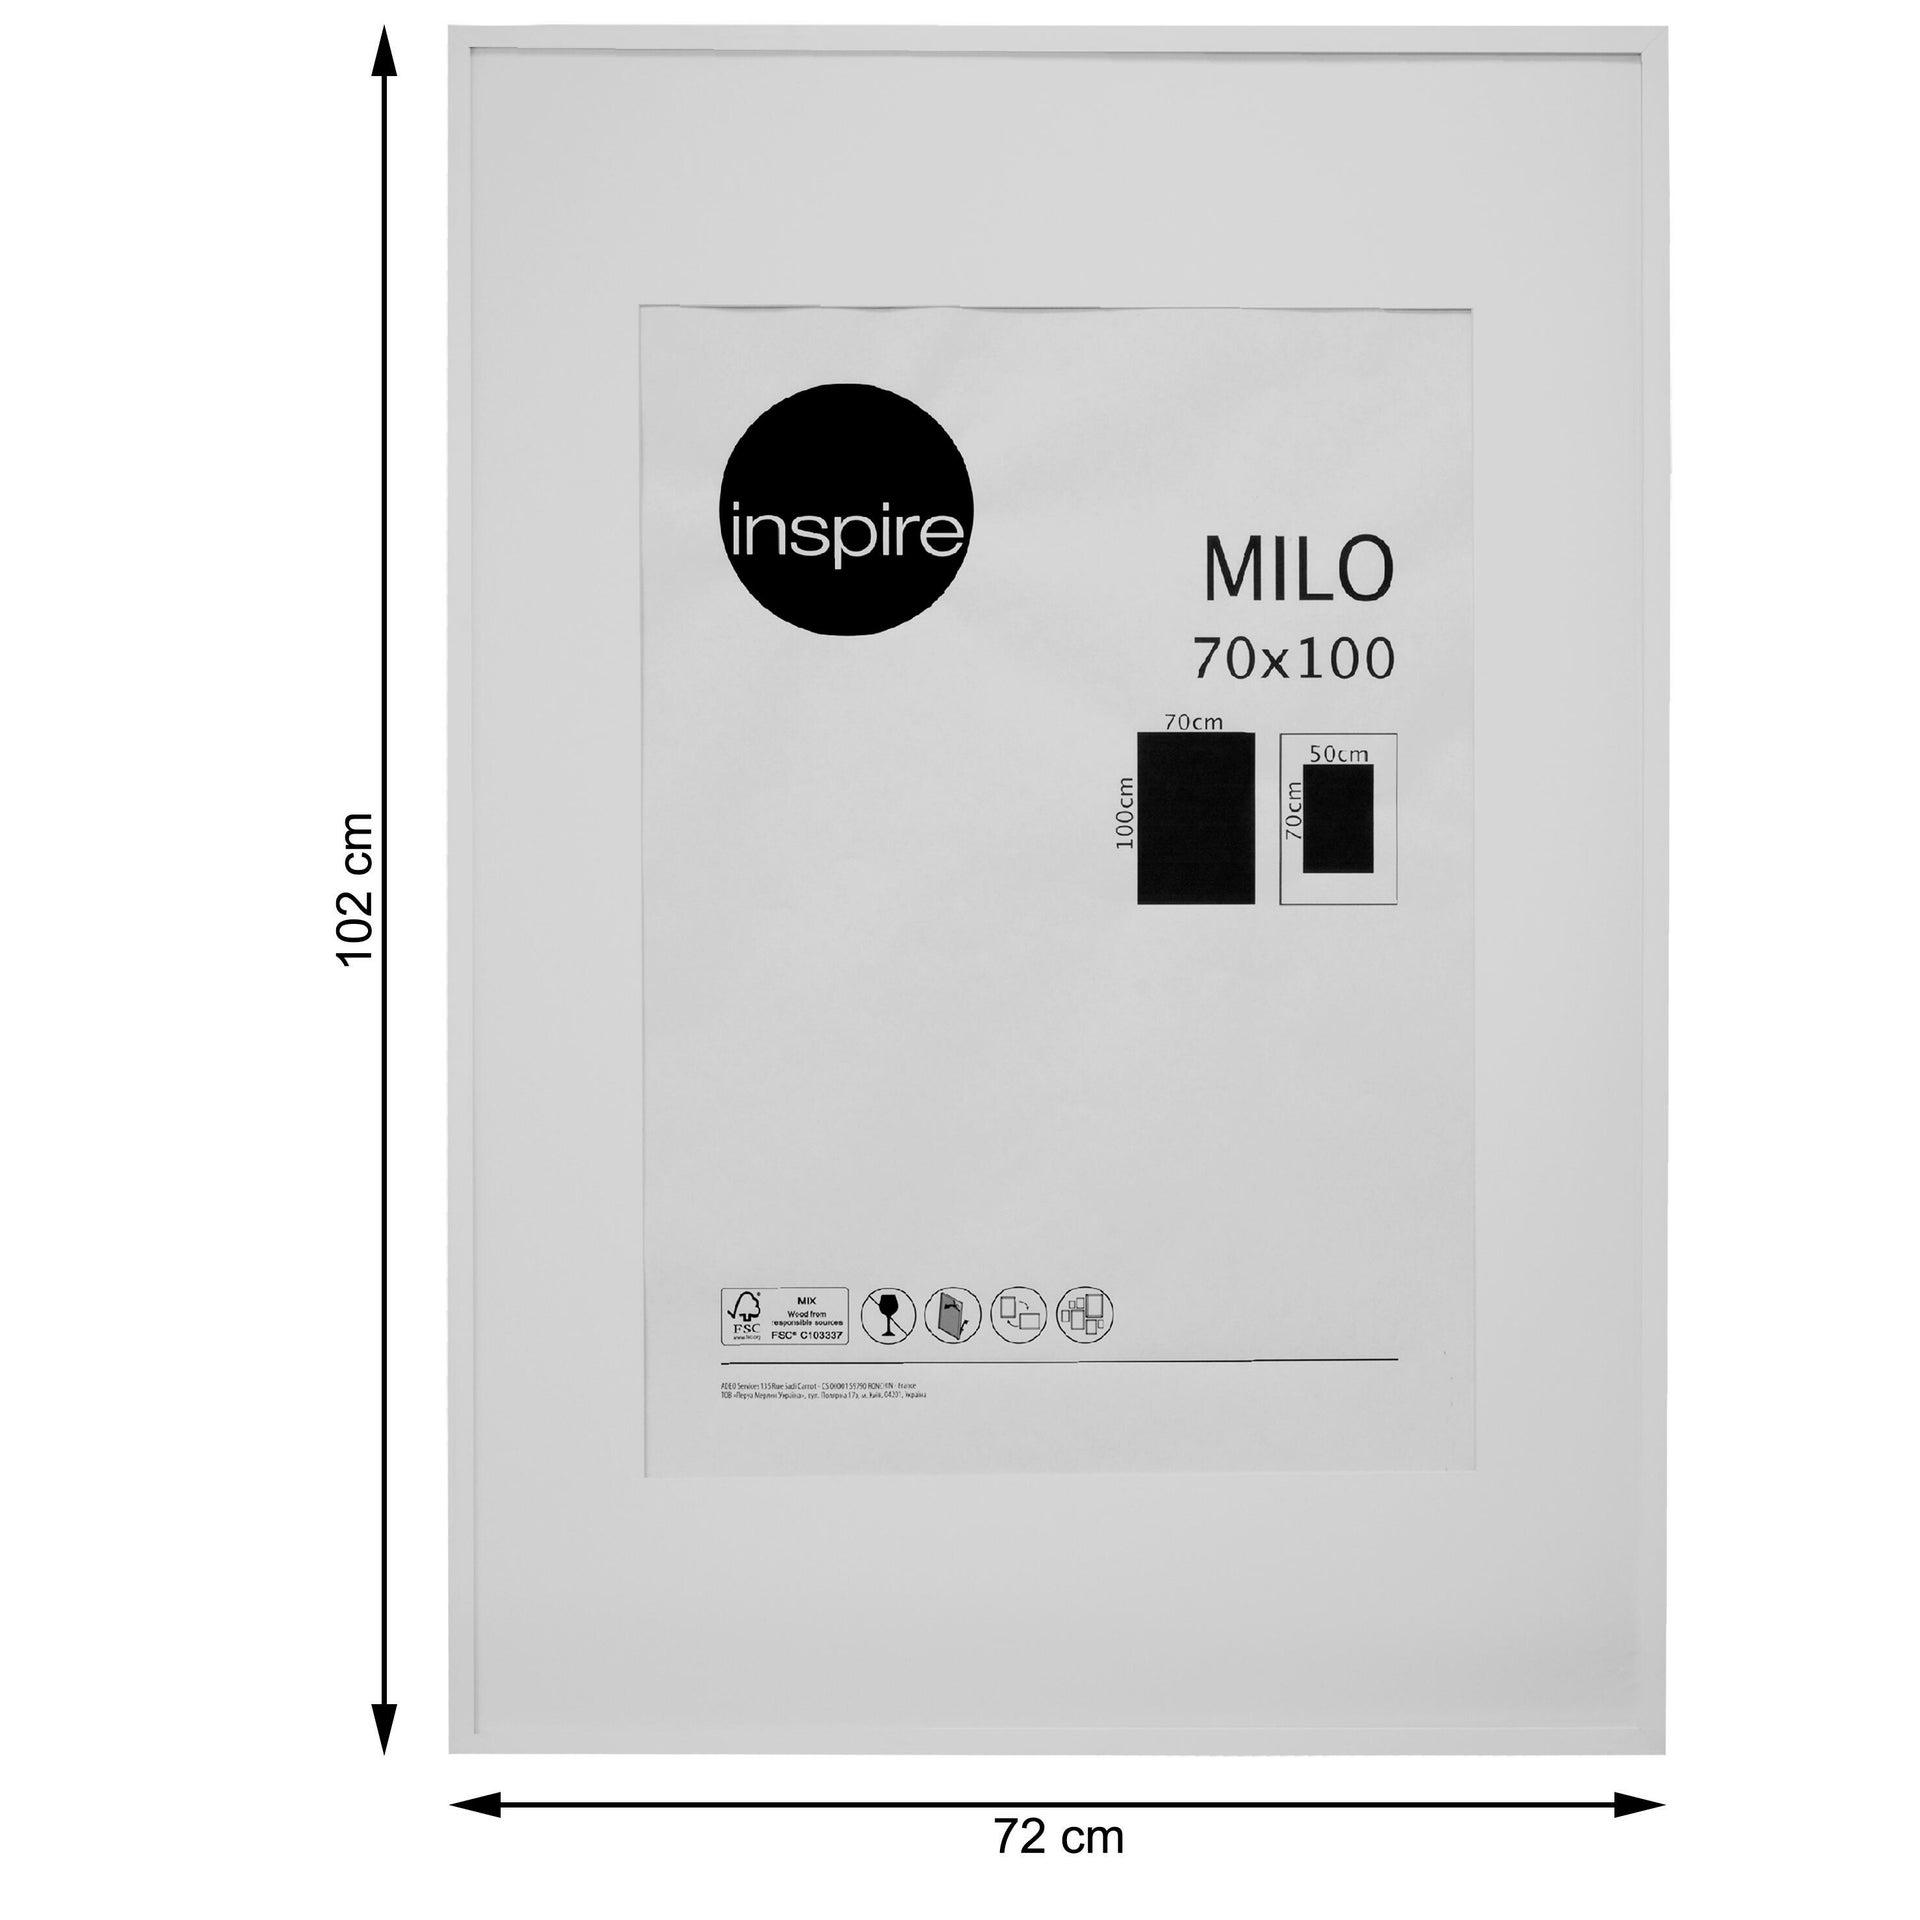 Cornice con passe-partout Inspire milo bianco 70x100 cm - 4